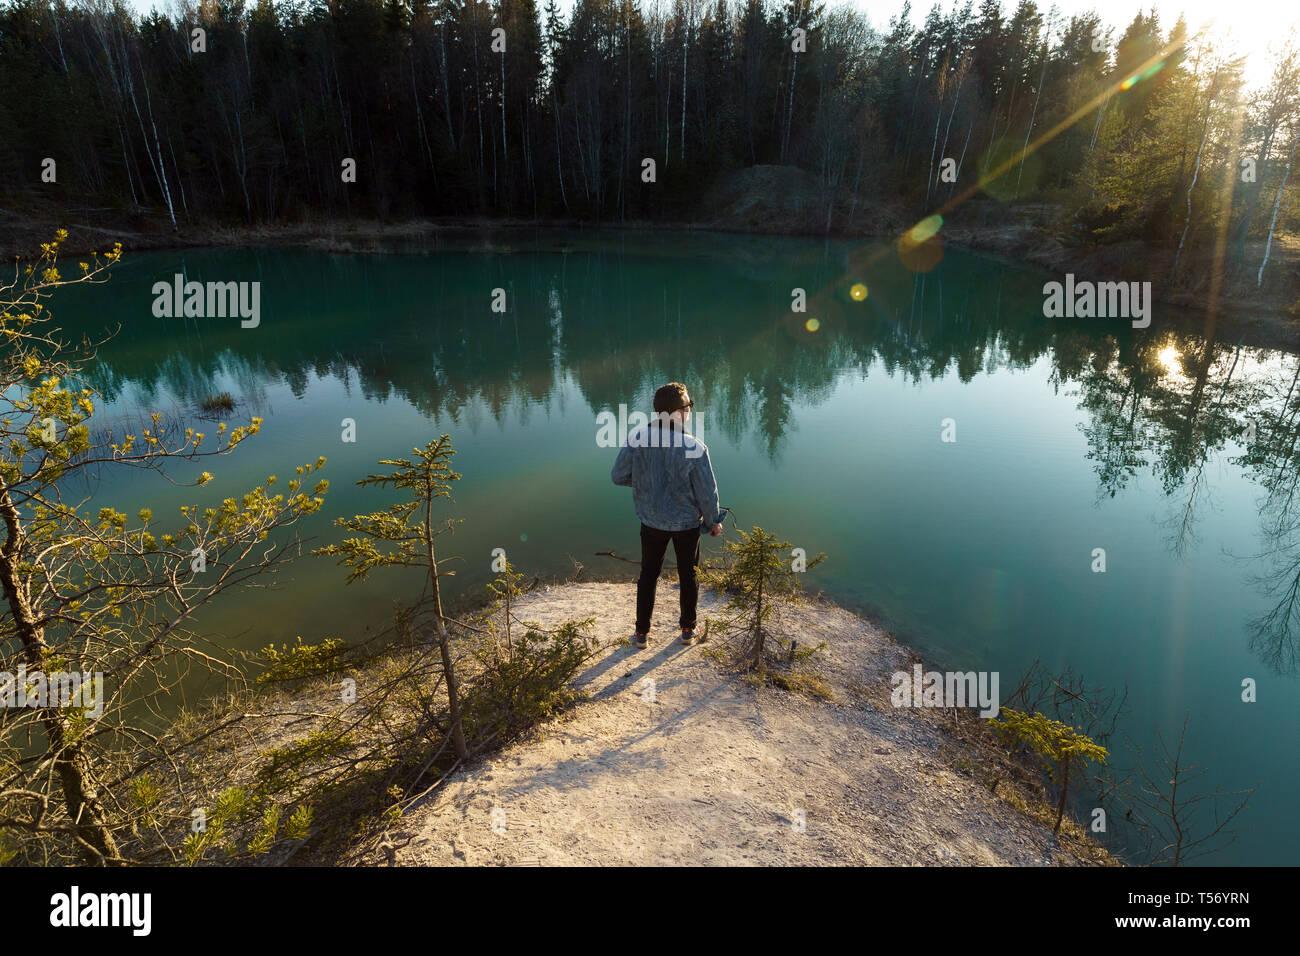 Joven tomar fotos de viajes - Hermoso lago Turquesa en Letonia - estilo Meditirenian colores en Estados bálticos - Lackroga ezers Foto de stock